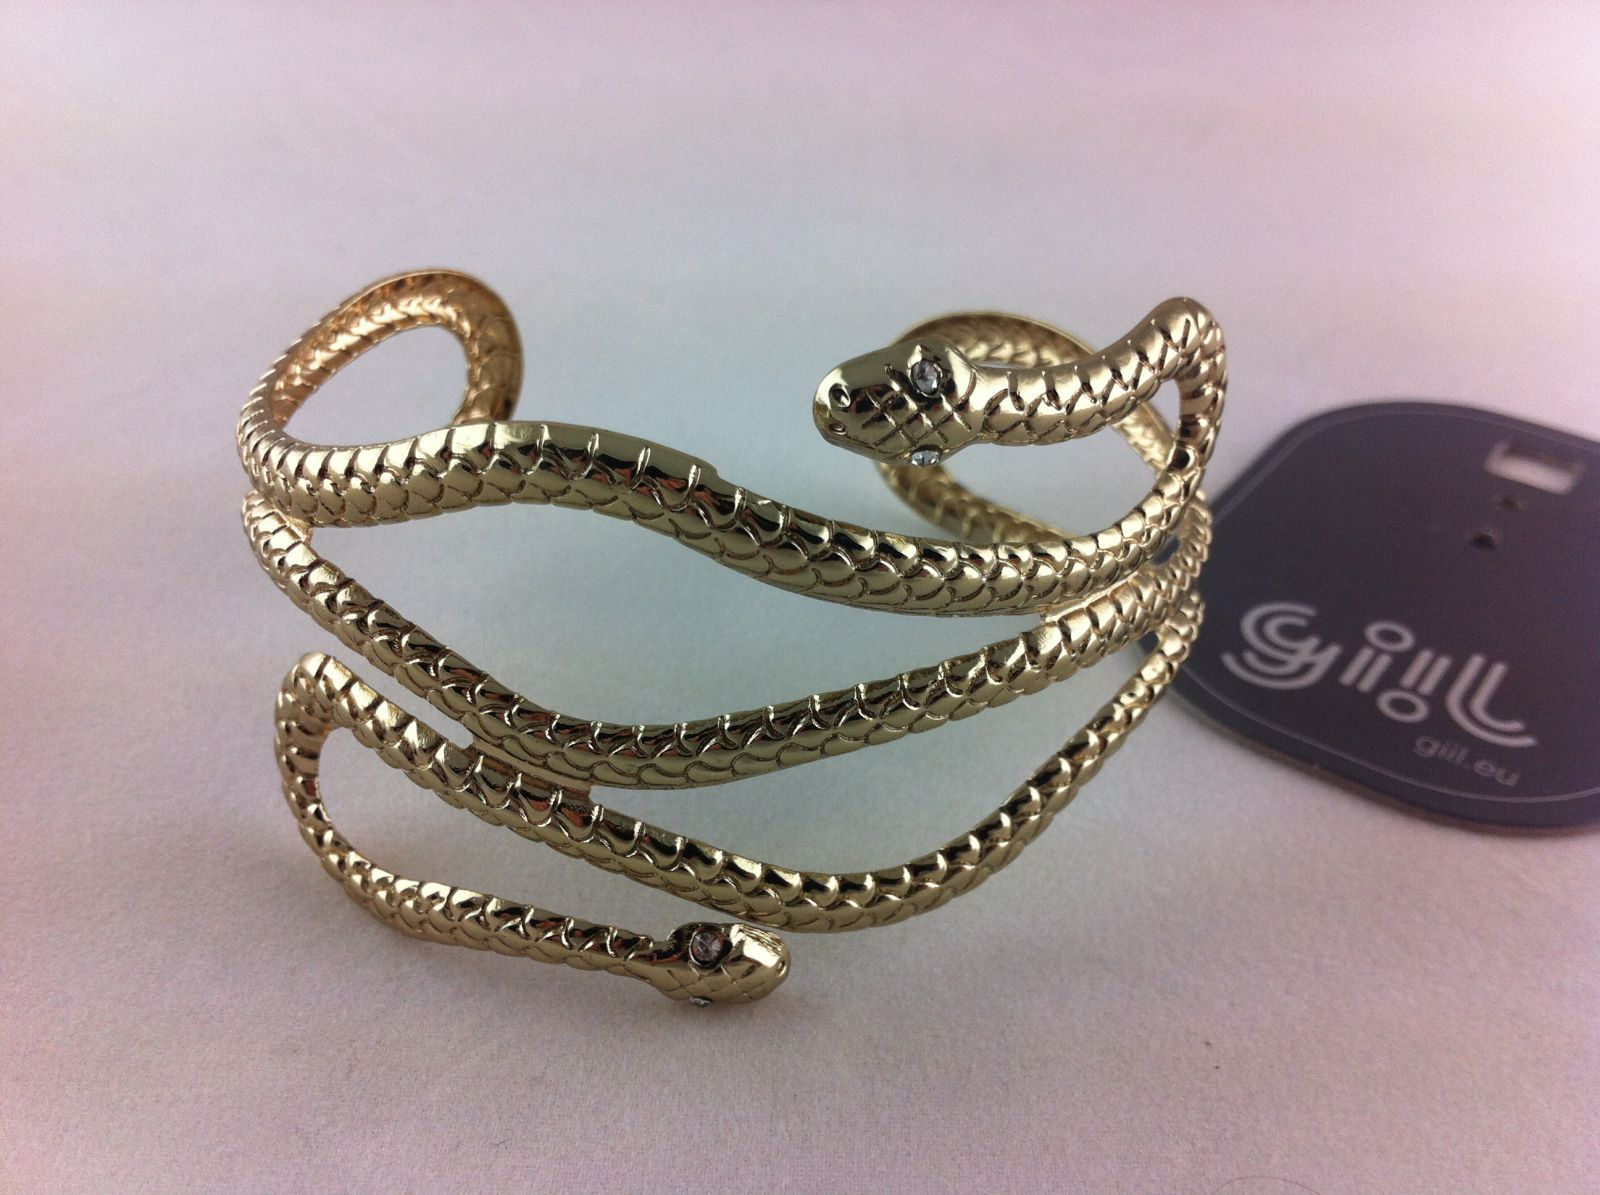 Zlatý antický náramek hadí těla GIIL